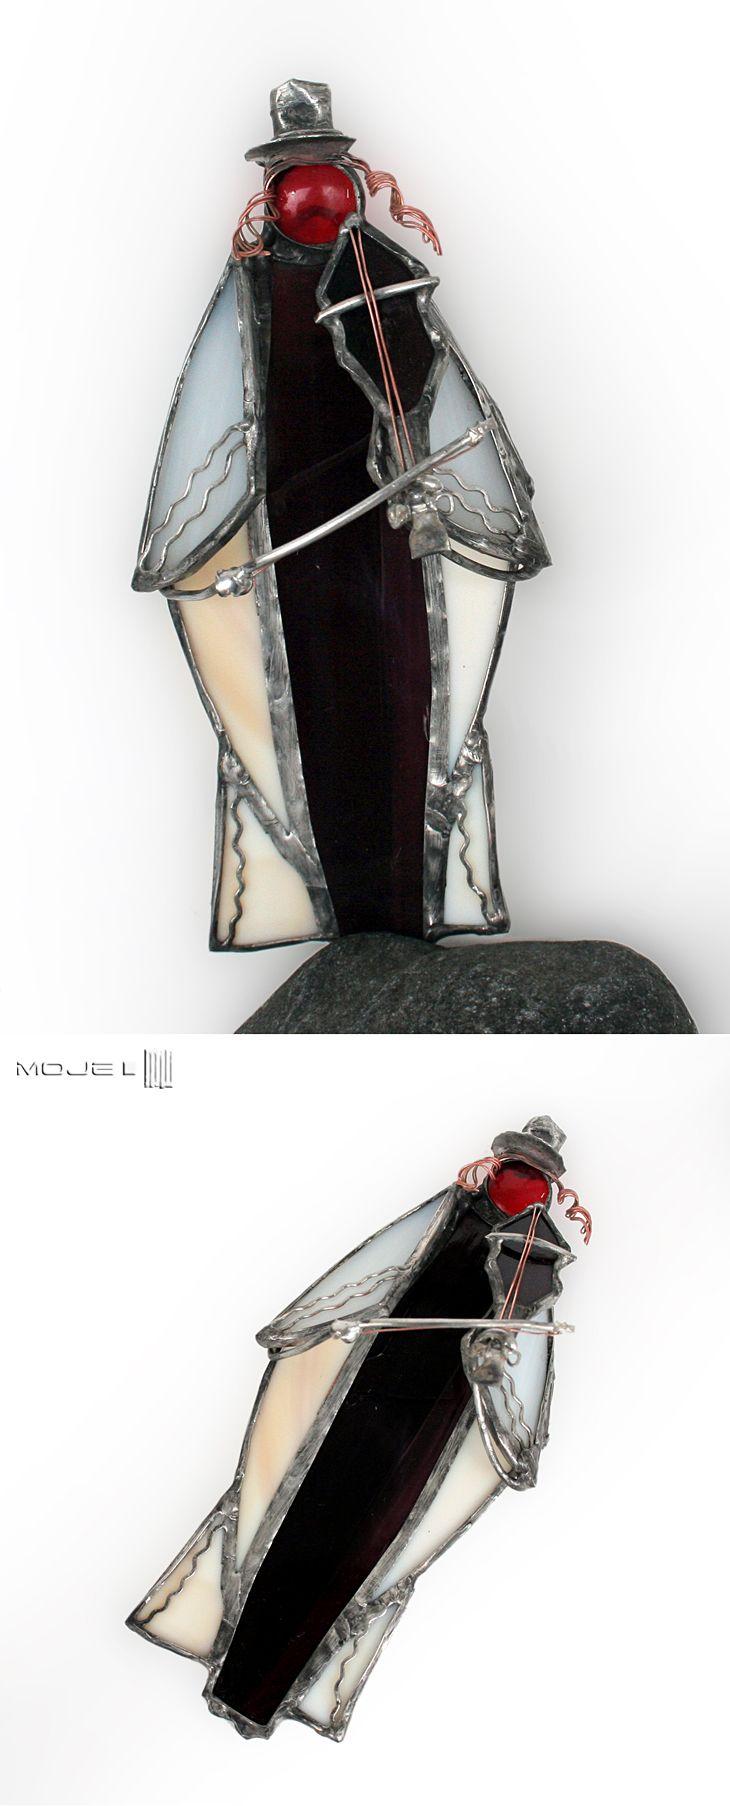 Żydek ze skrzypcami / Jew with violin. Witraż Tiffany / Tiffany Stained Glass. Moje MW